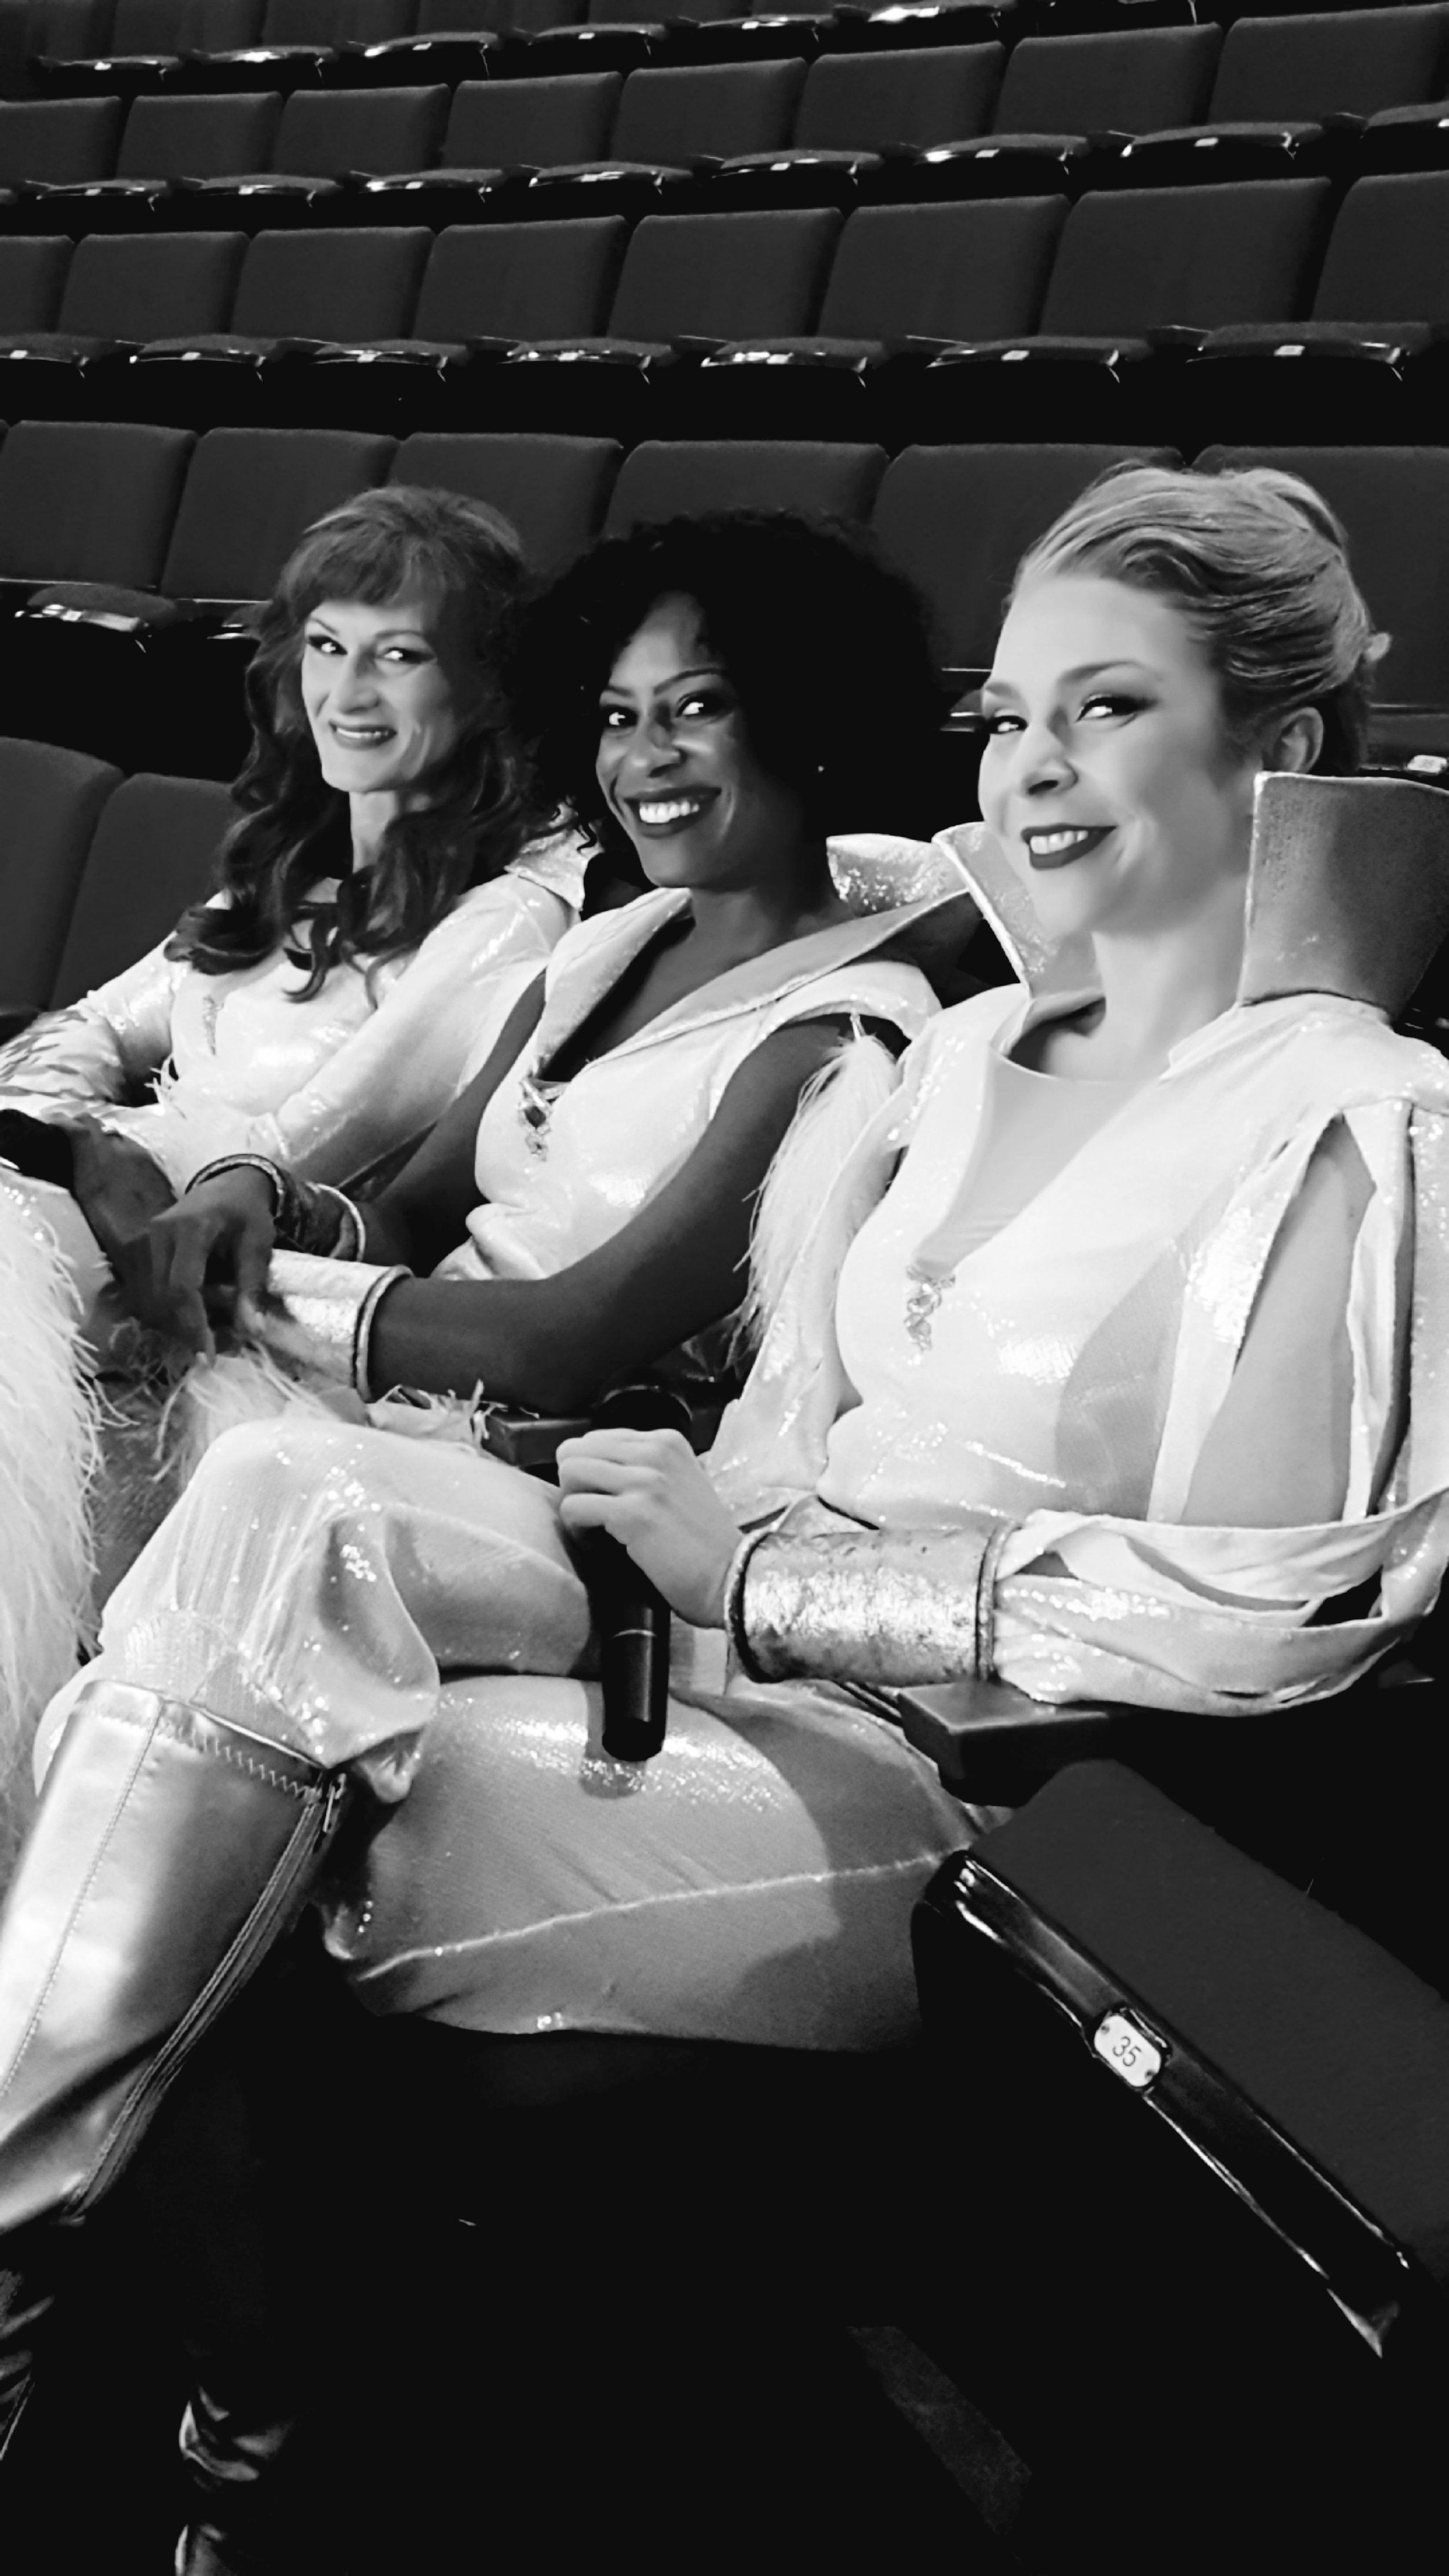 These women were such a JOY!!!